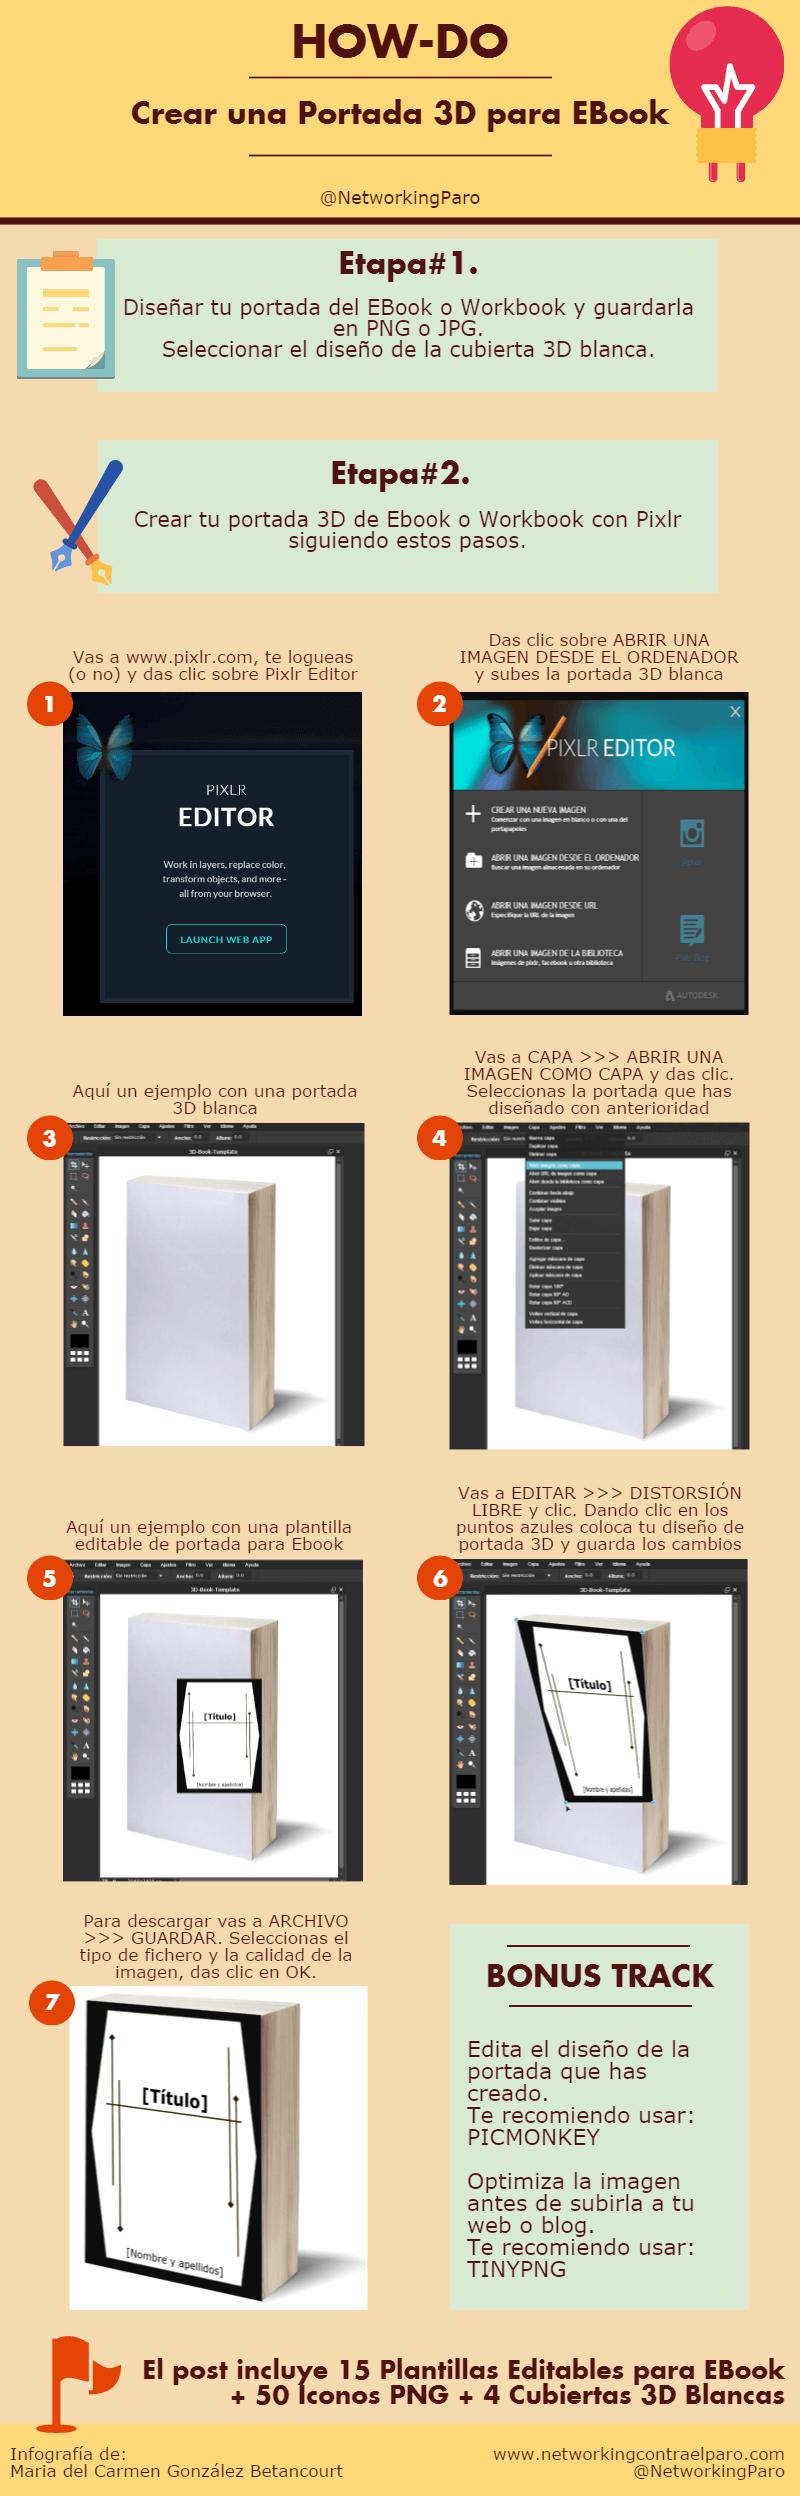 Como crear portada 3D de ebook usando Pixlr